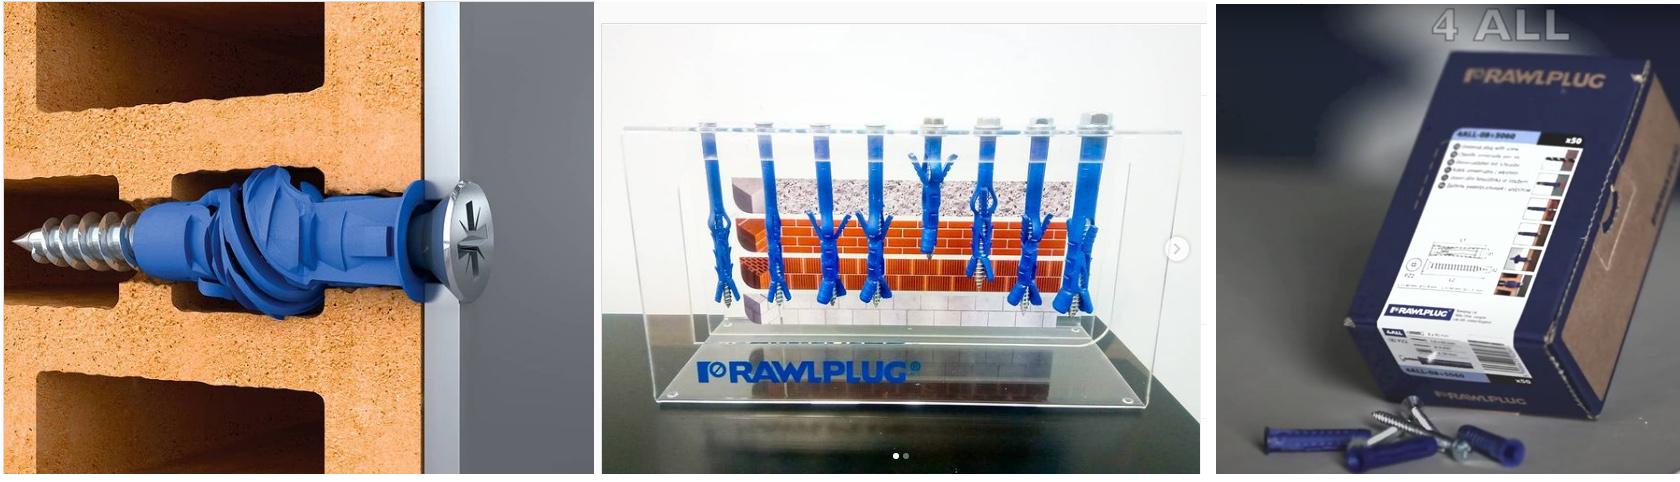 Высококачественный нейлоновый распорный дюбель RAWLPLUG 4ALL